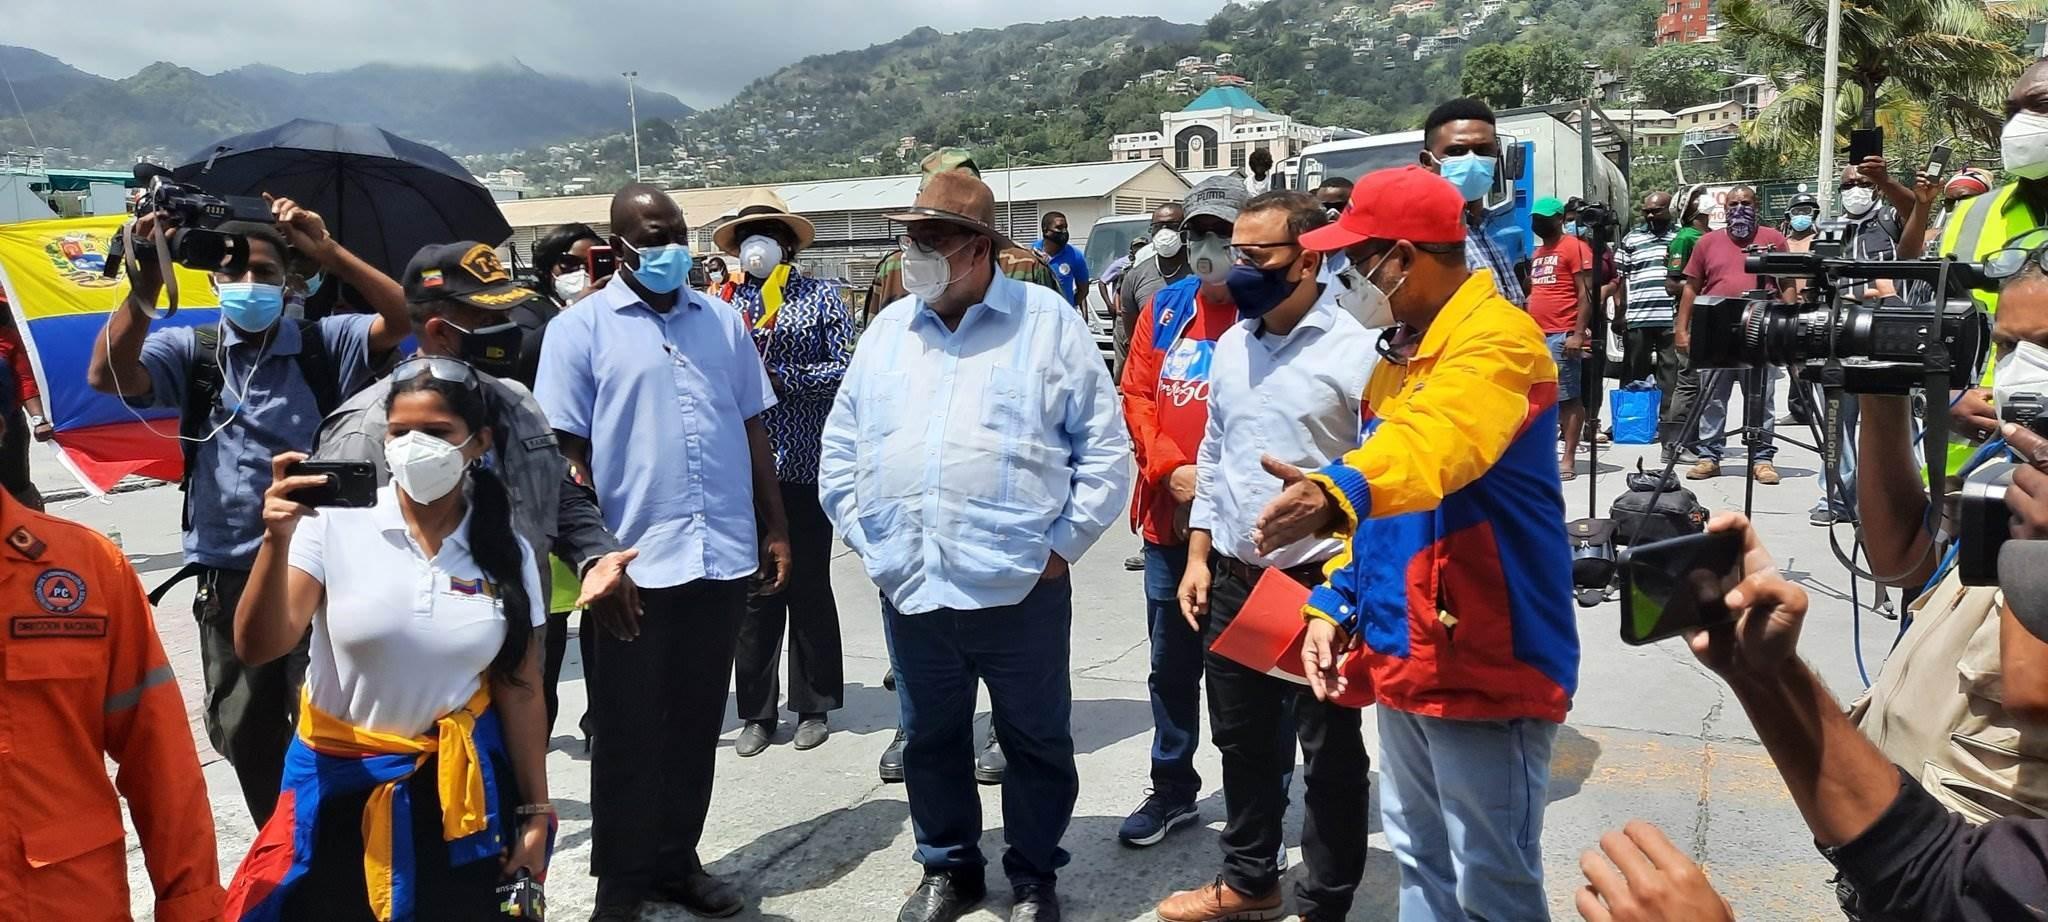 Ayuda para San Vicente y las Granadinas